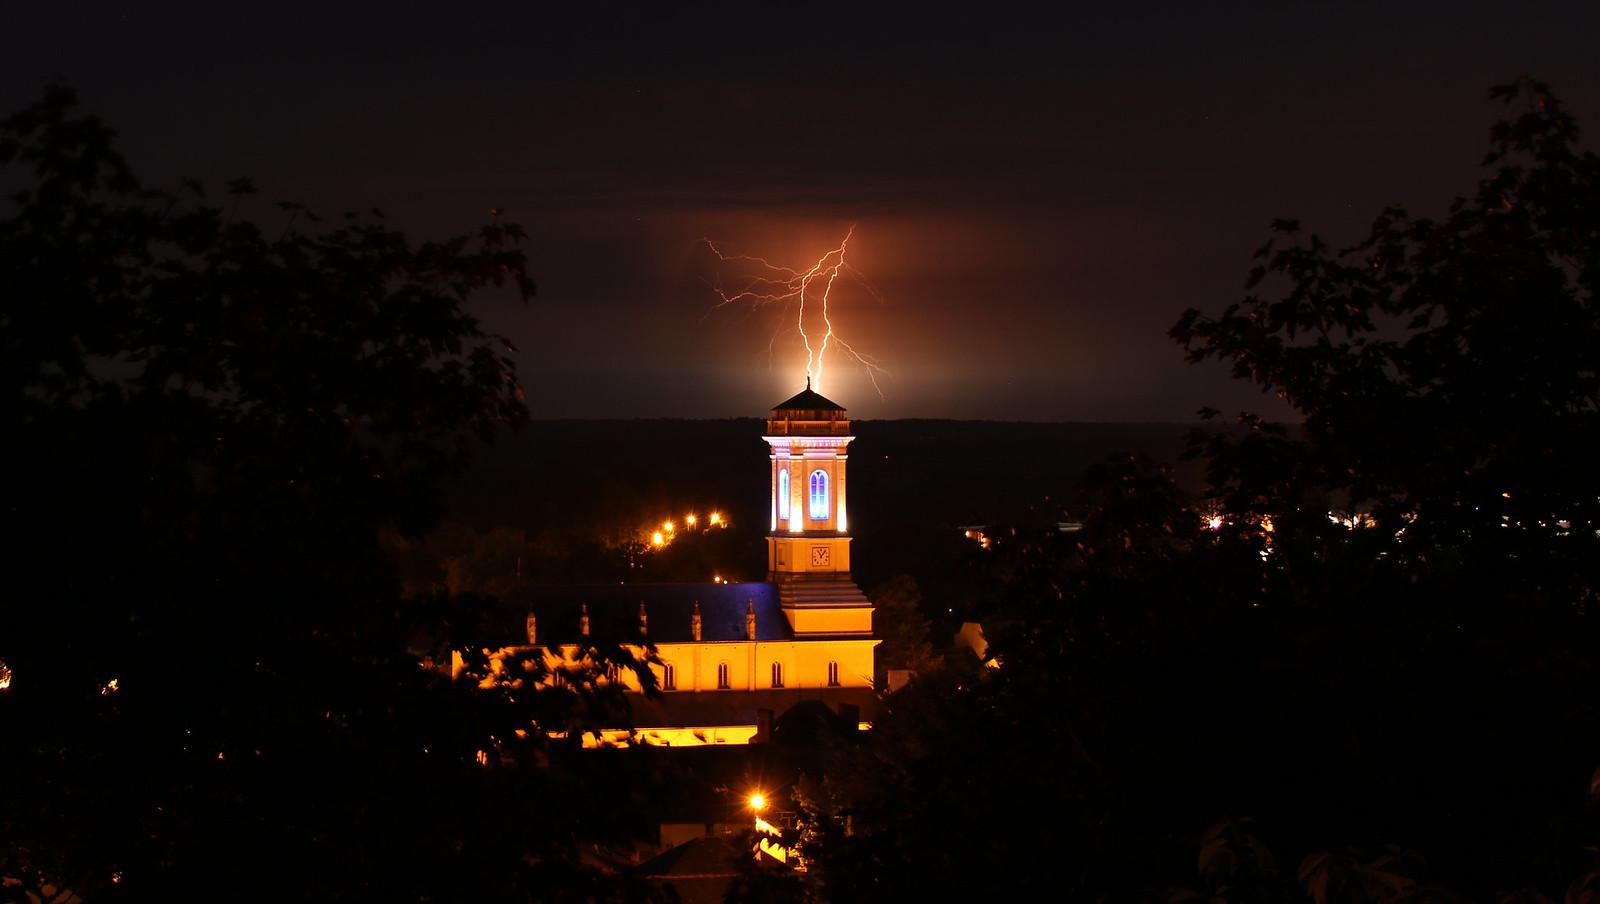 Orages au dessus de la Vendée 36259394412_d3349eebf0_h